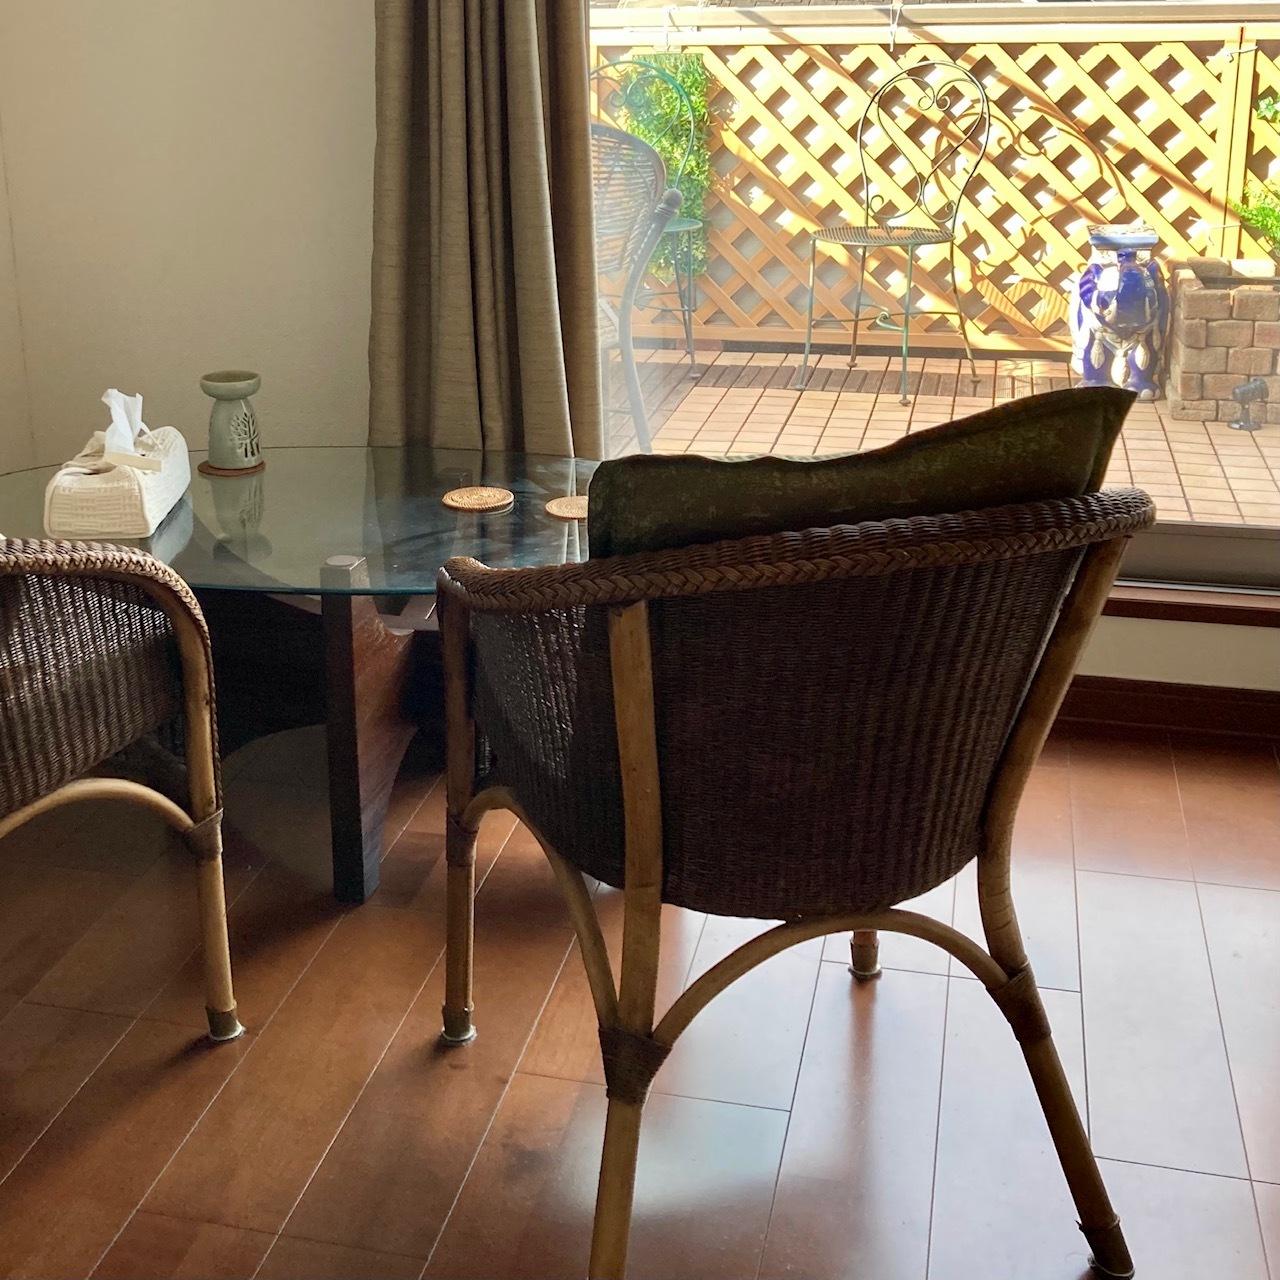 ガーデン風バルコニーを眺めるテーブルと椅子のセット